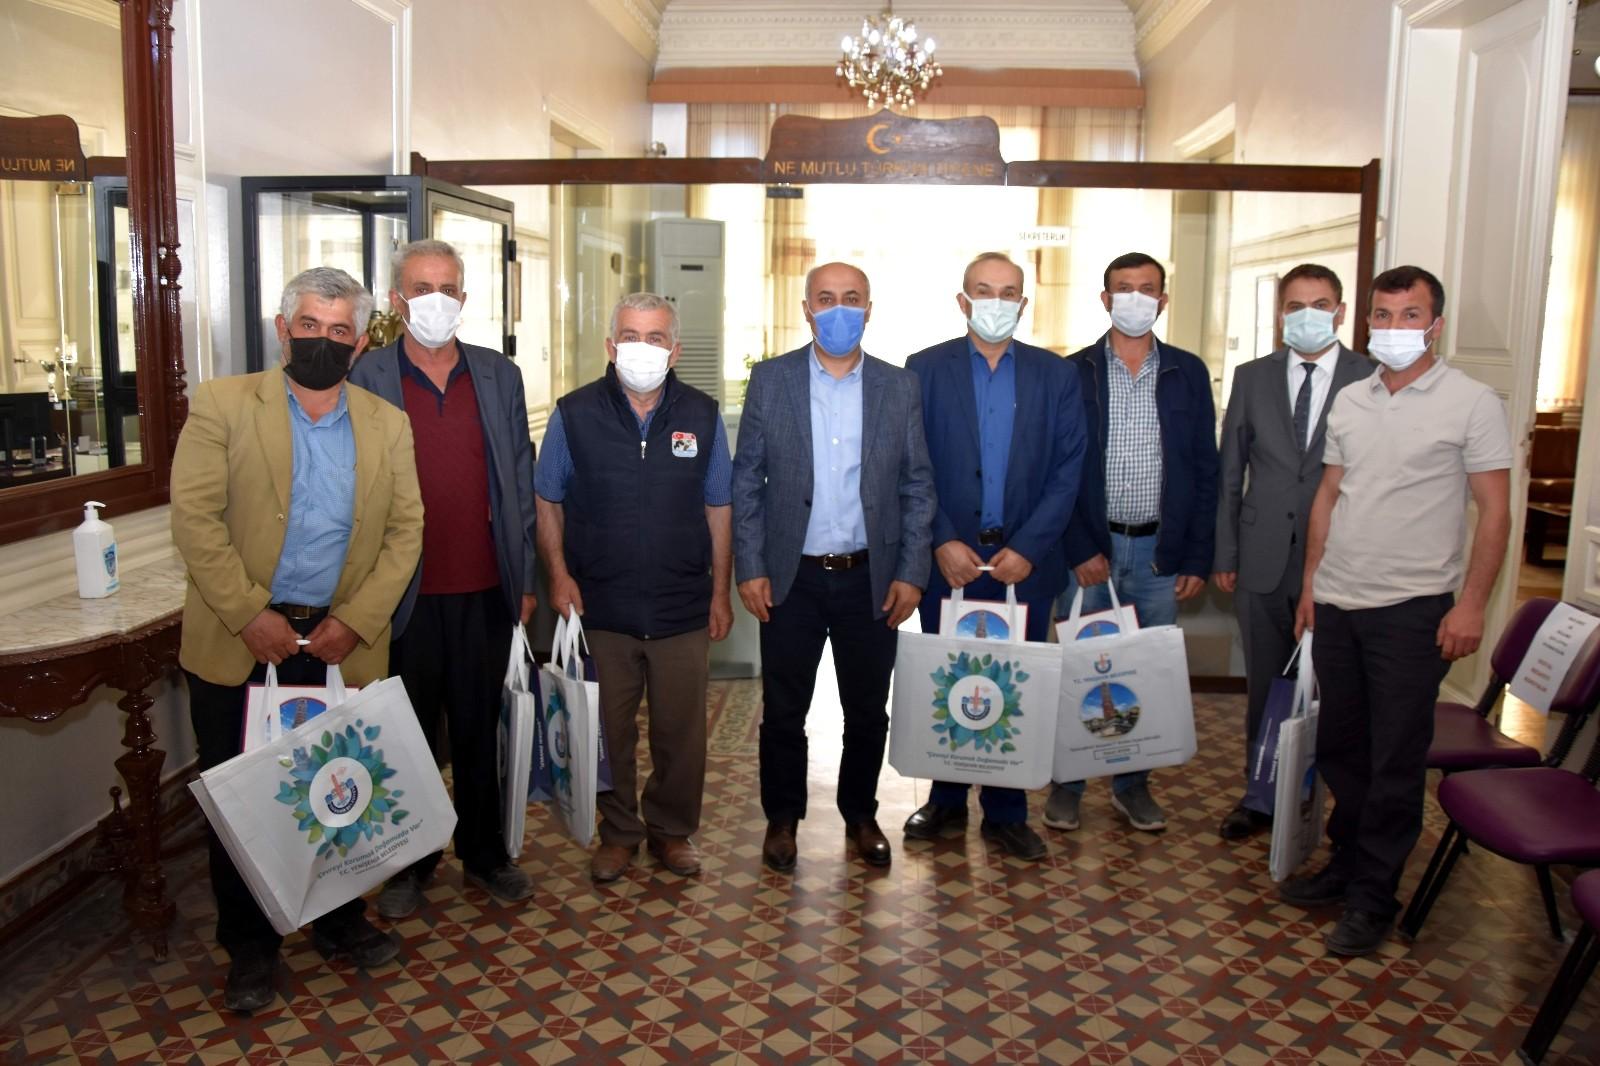 Çiftçinin pazarlama gücü artıyor…Yenişehir'de üreticinin yüzü gülüyor